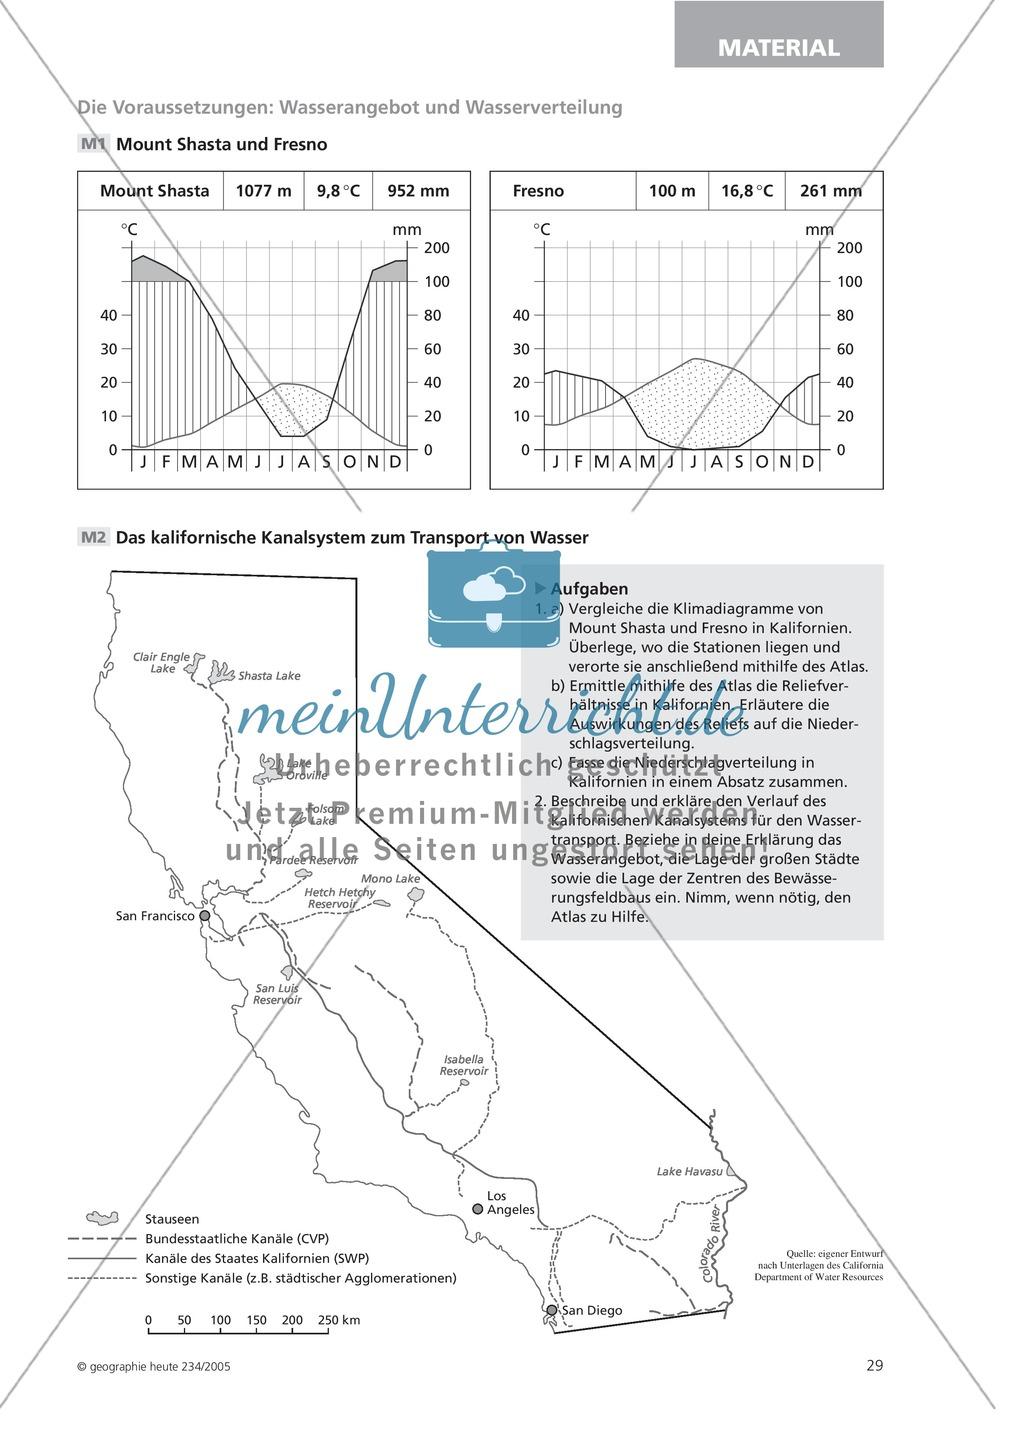 Die Landwirtschaft der USA: Nutzungskonflikte - Wasserknappheit in Kalifornien Preview 3